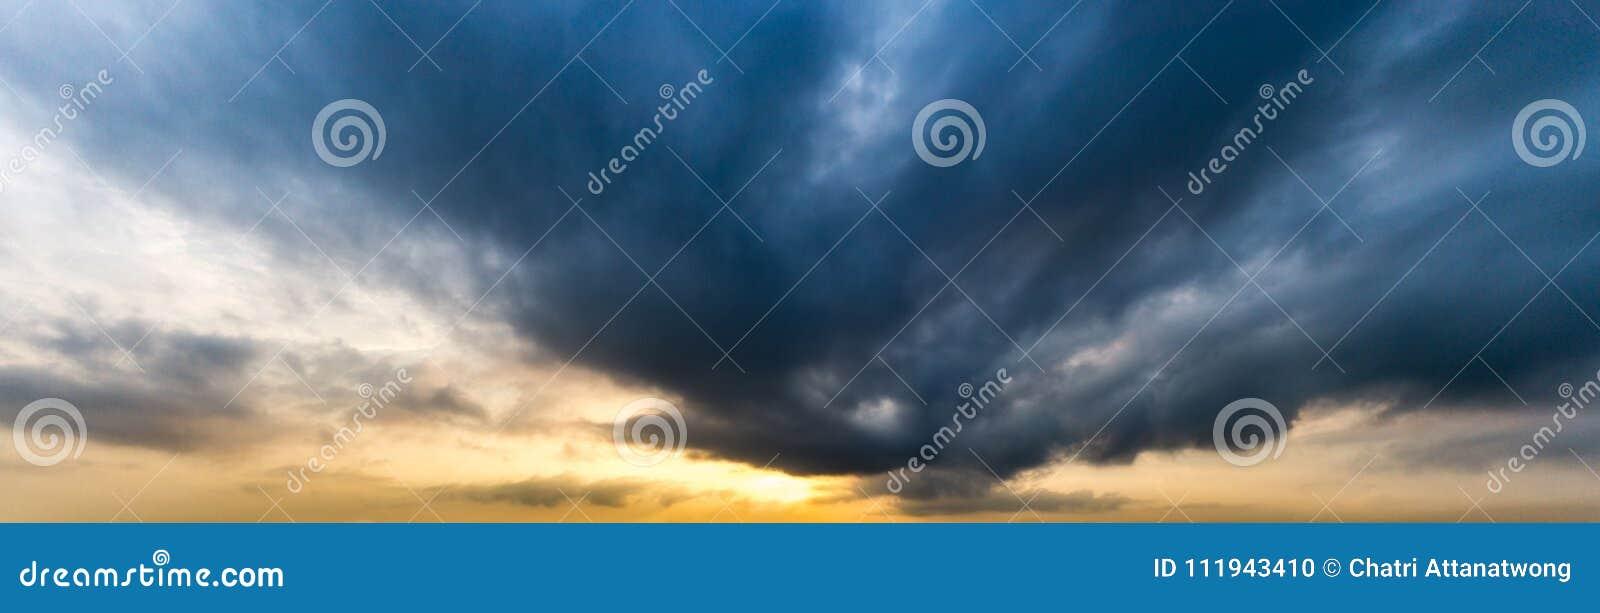 Panorama obrazek strom chmura na niebie przy rankiem